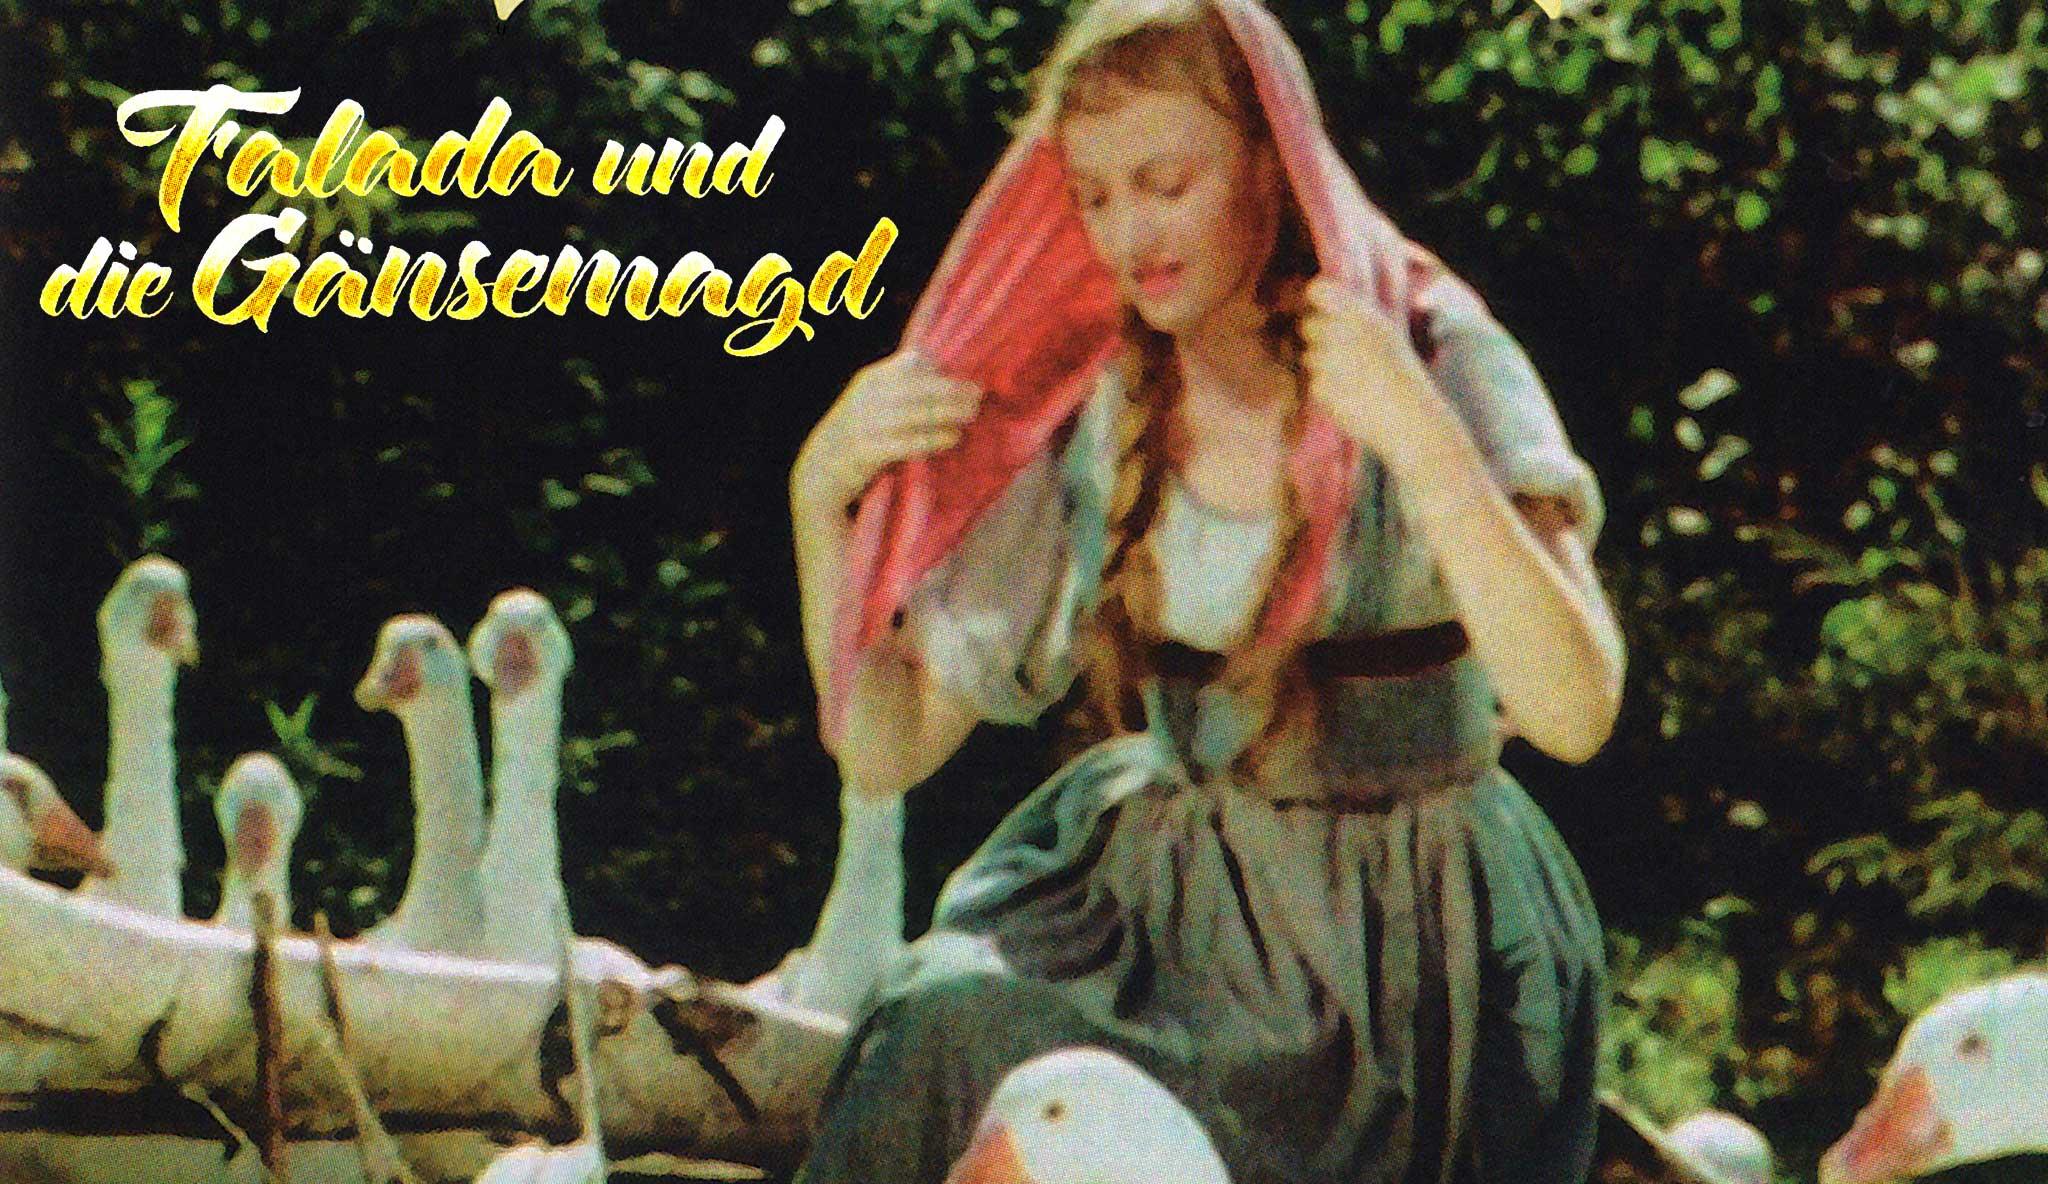 falada-und-die-gansemagd\header.jpg